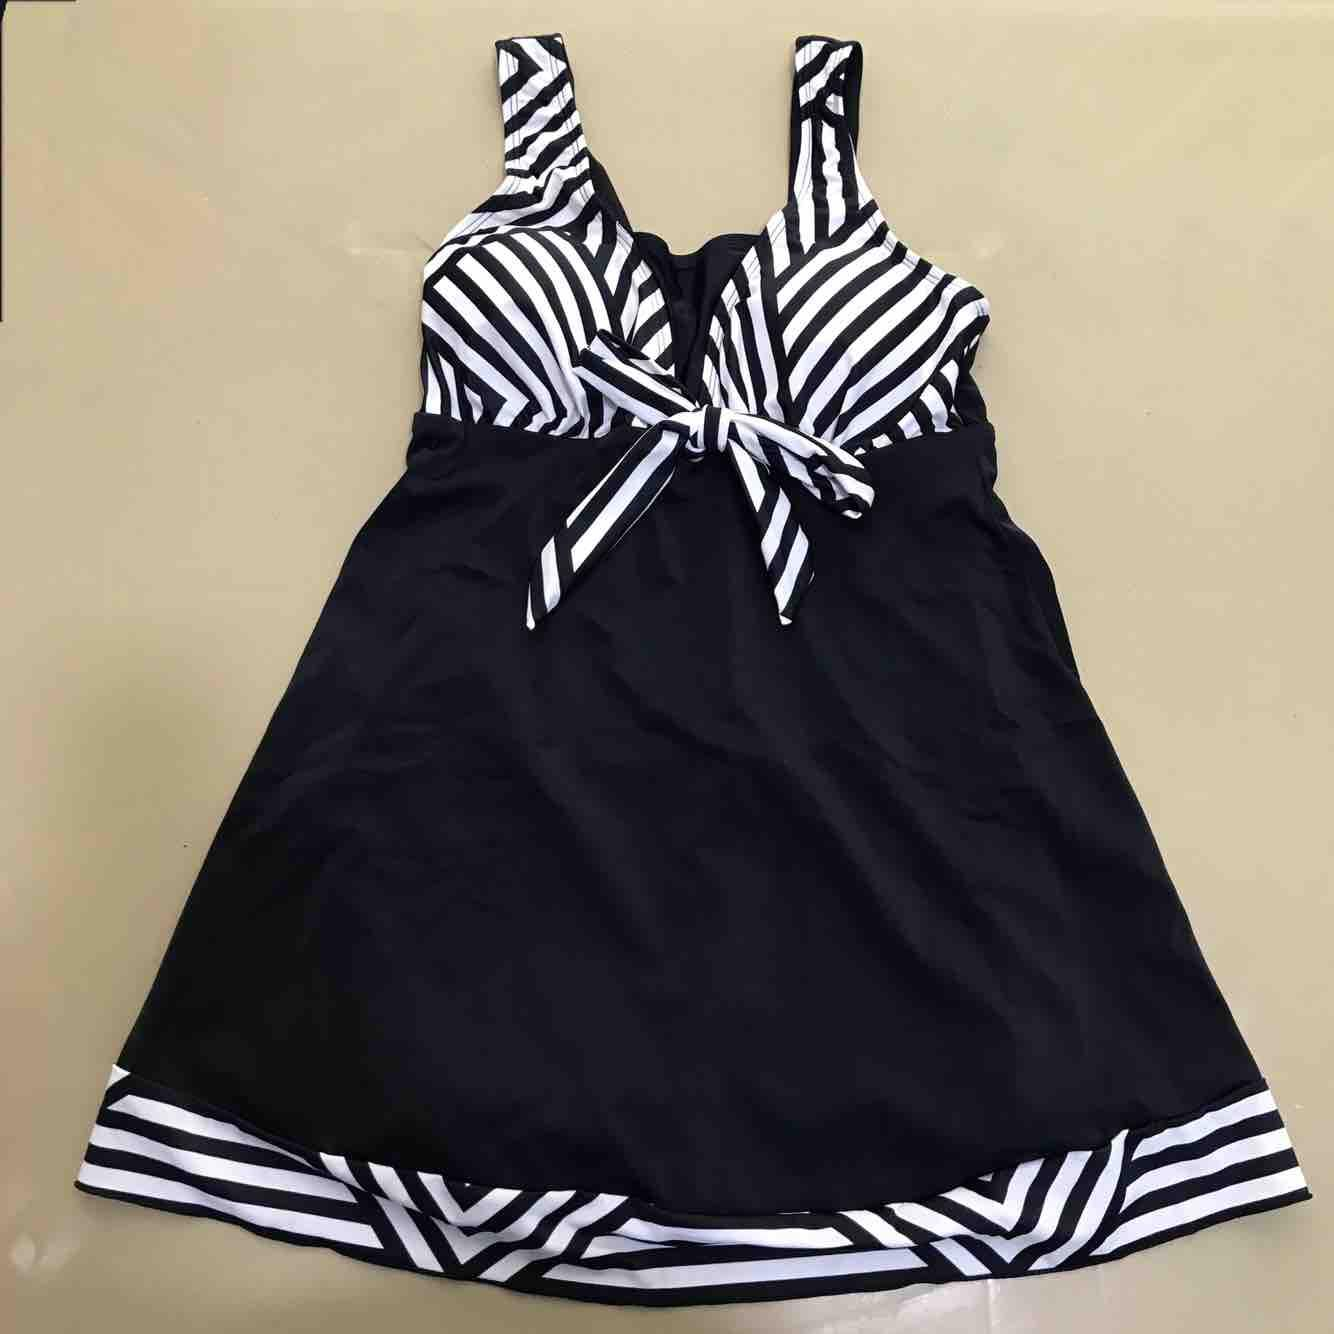 ef4a4e59a2 Swimwear for Women for sale - Surfing Wear for Women online brands ...